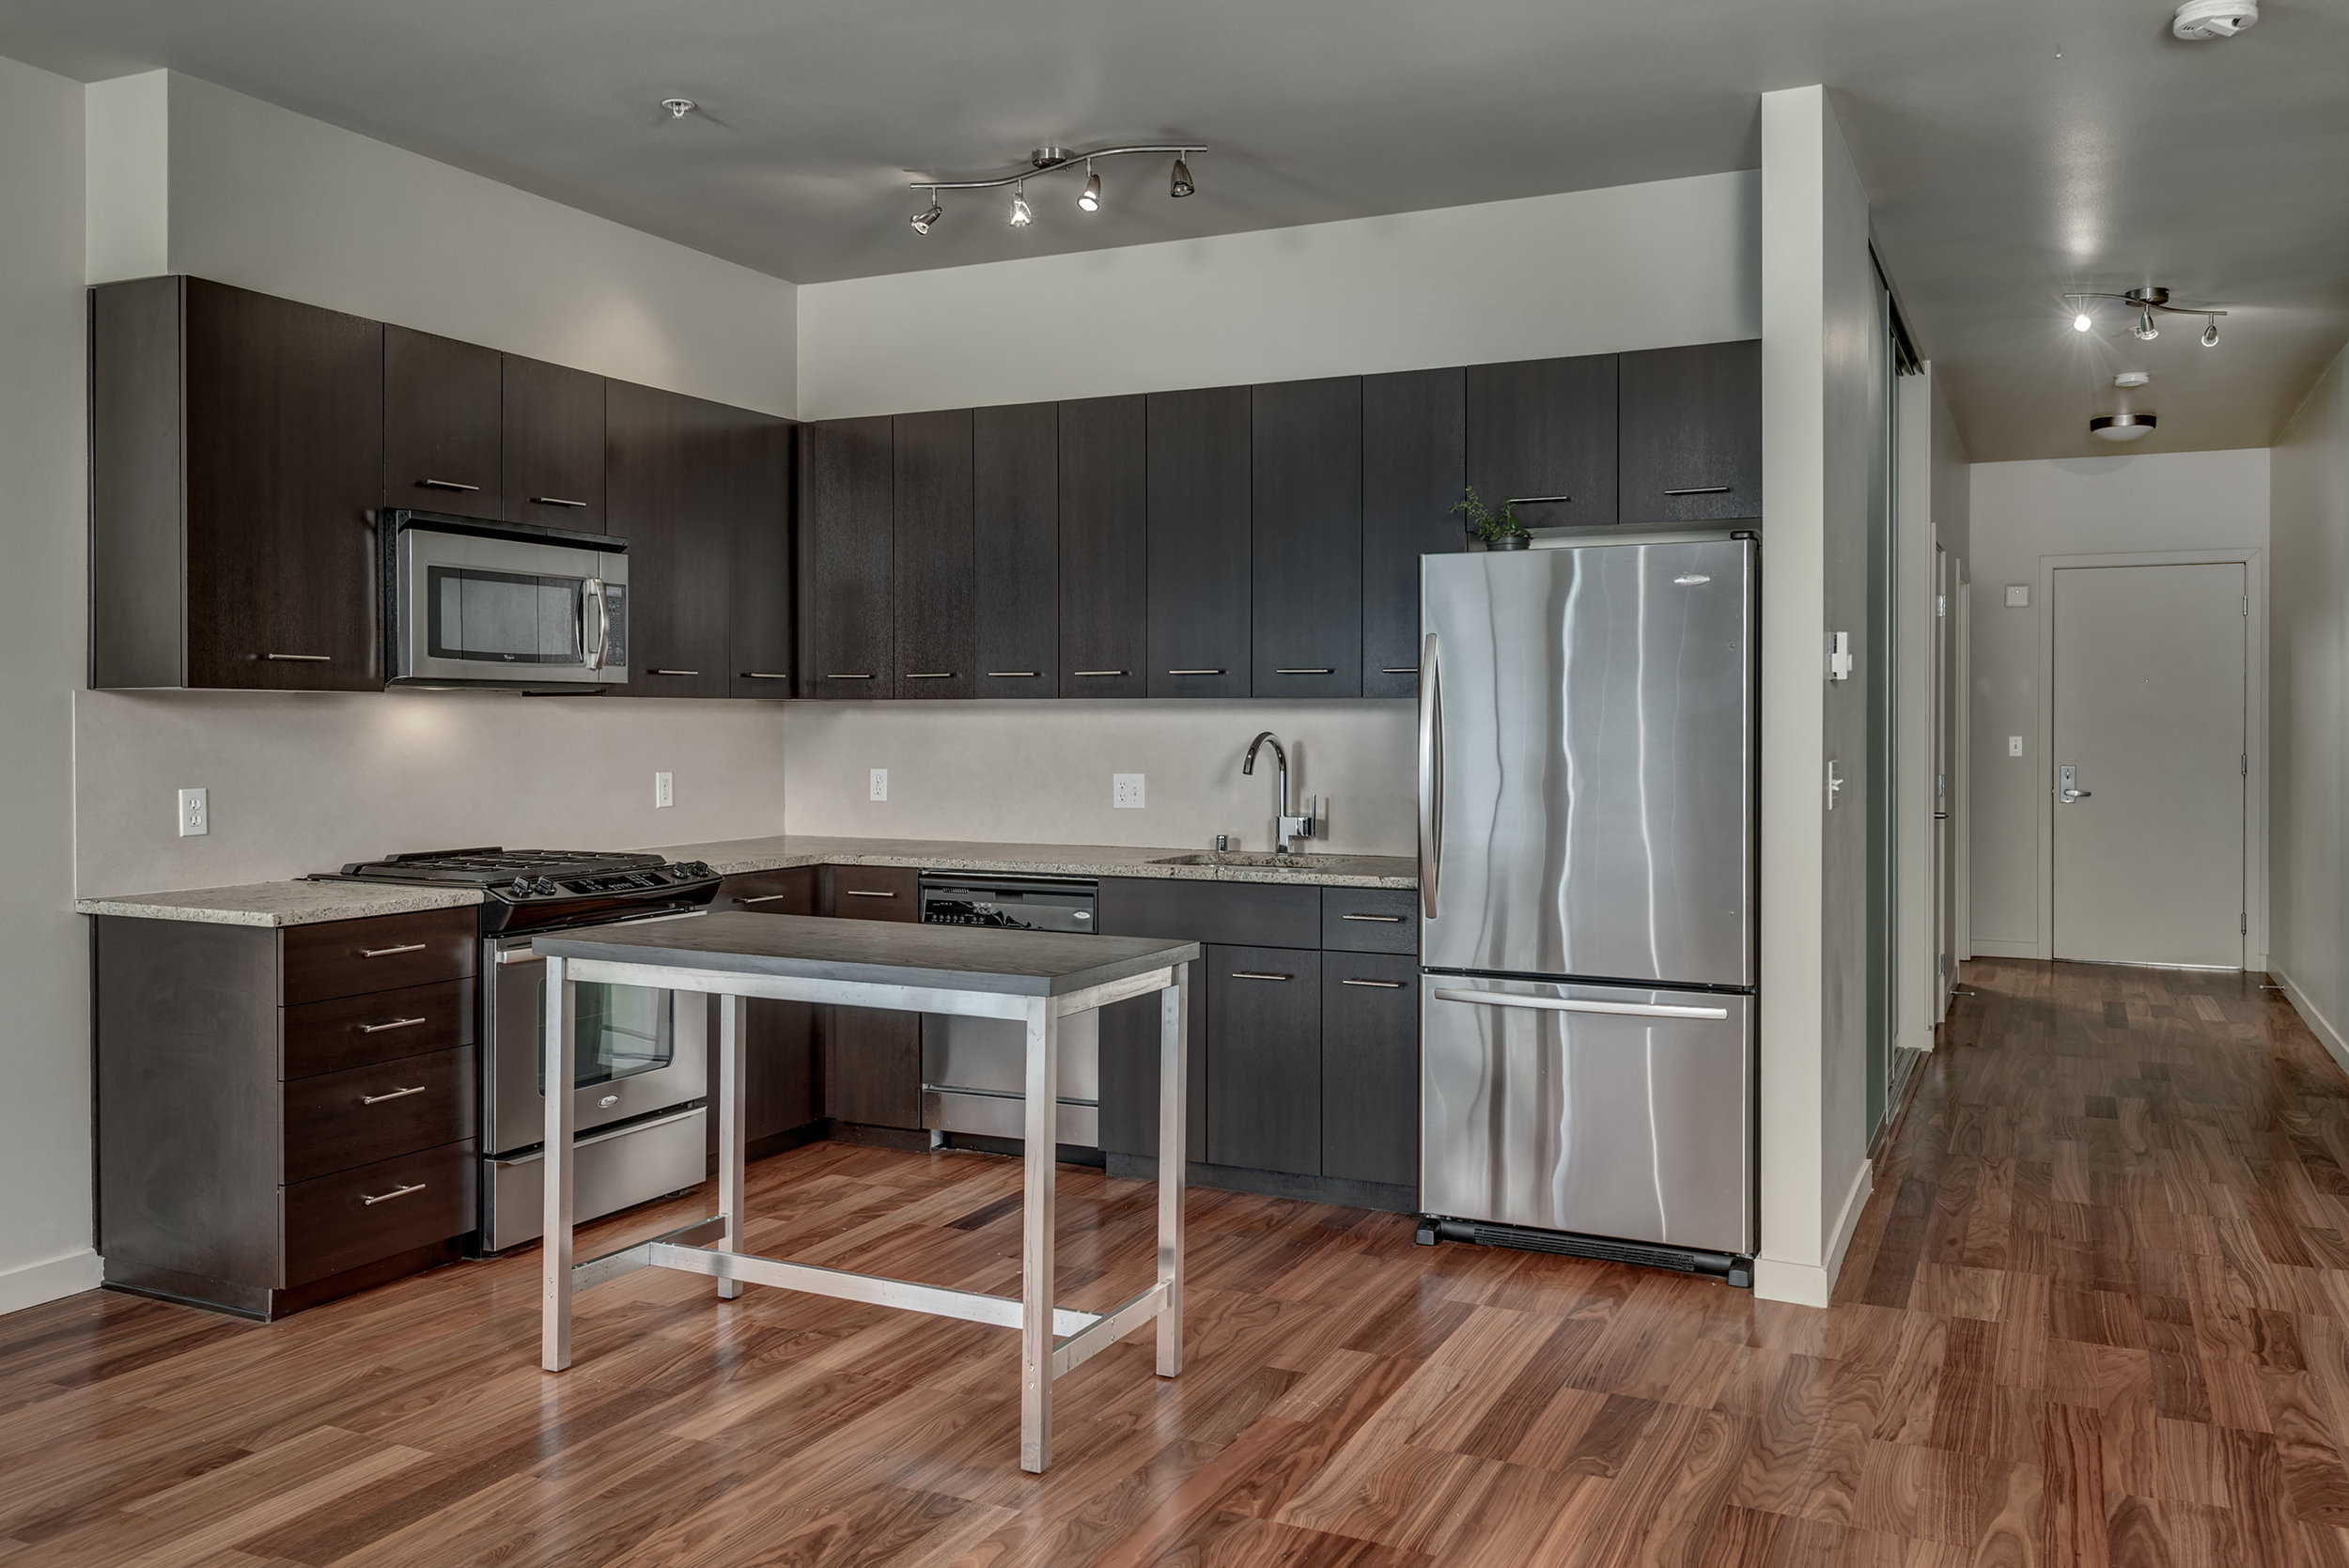 12-Kitchen04.jpg